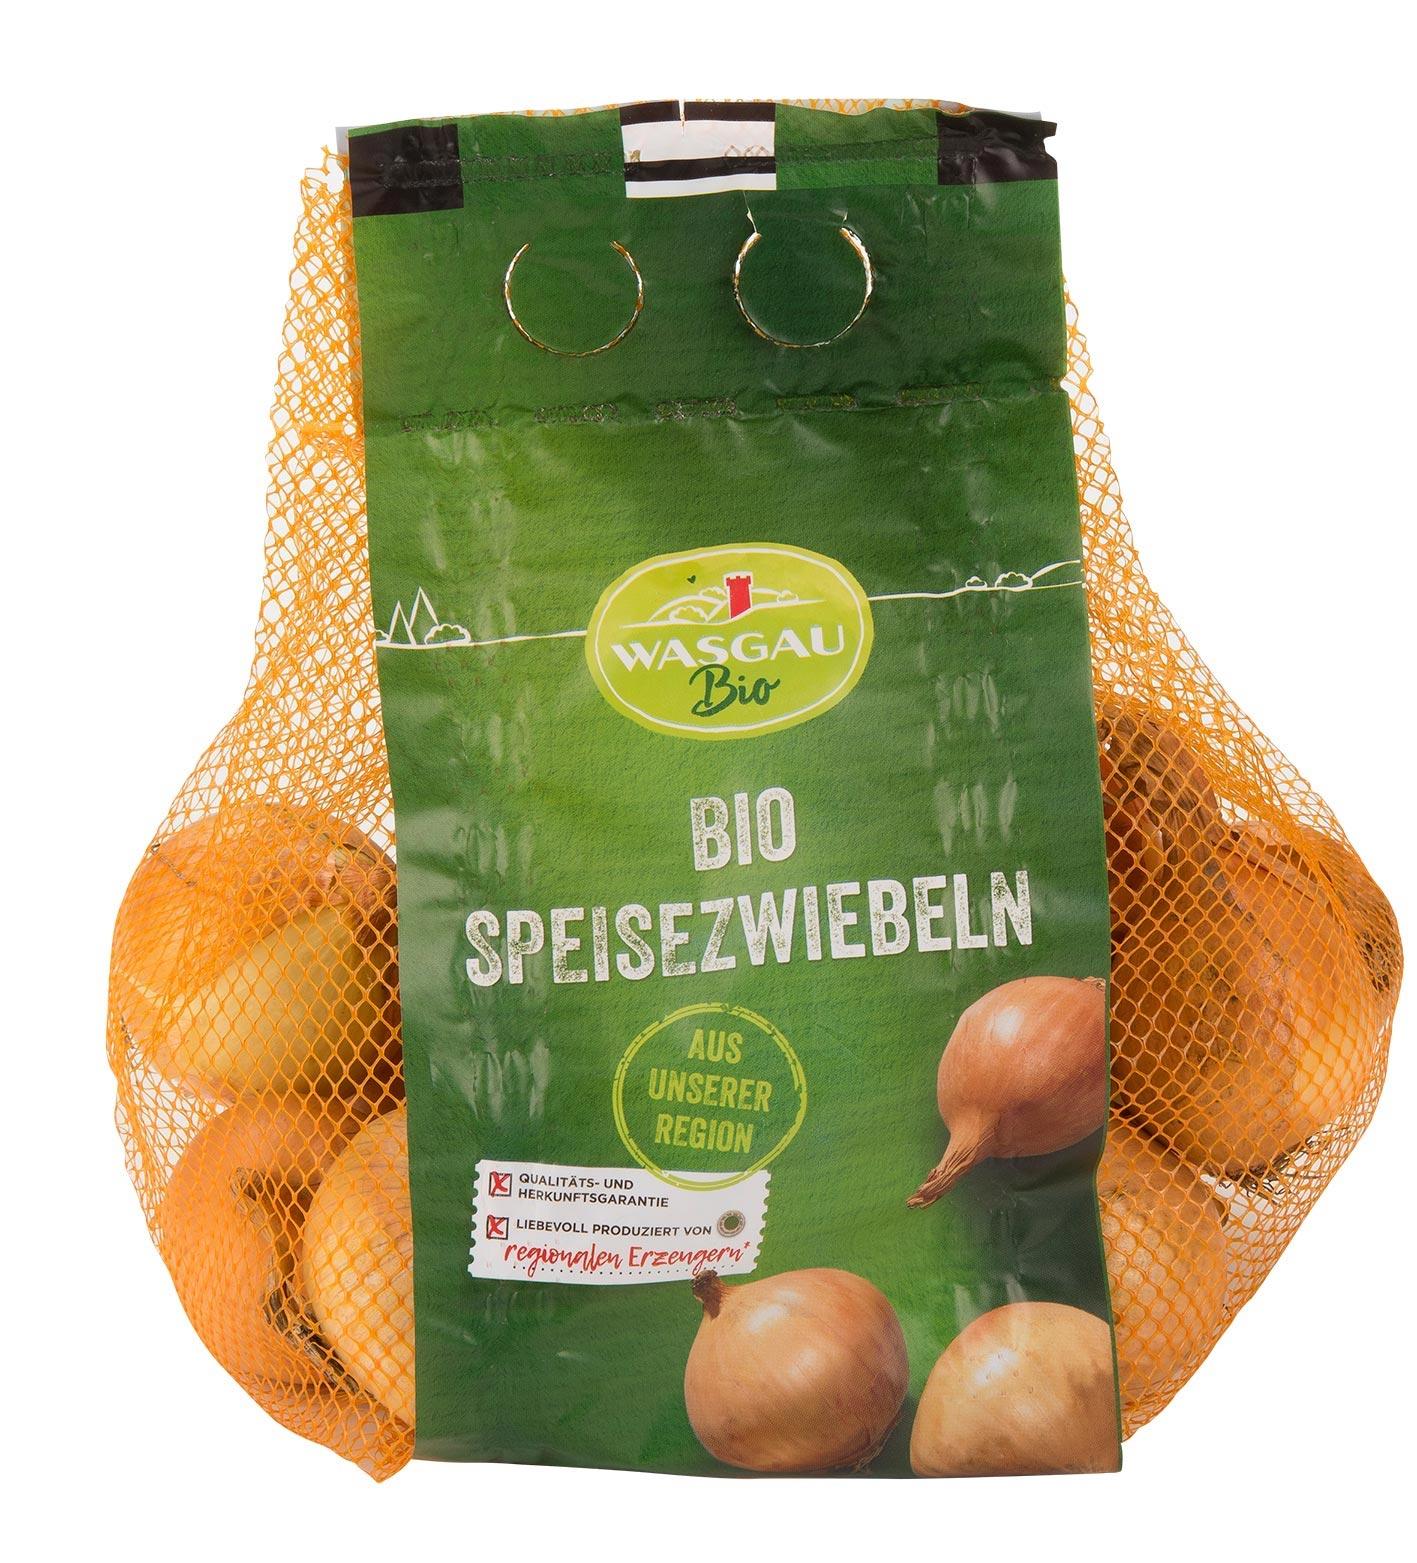 wasgau_bio_speisezwiebeln